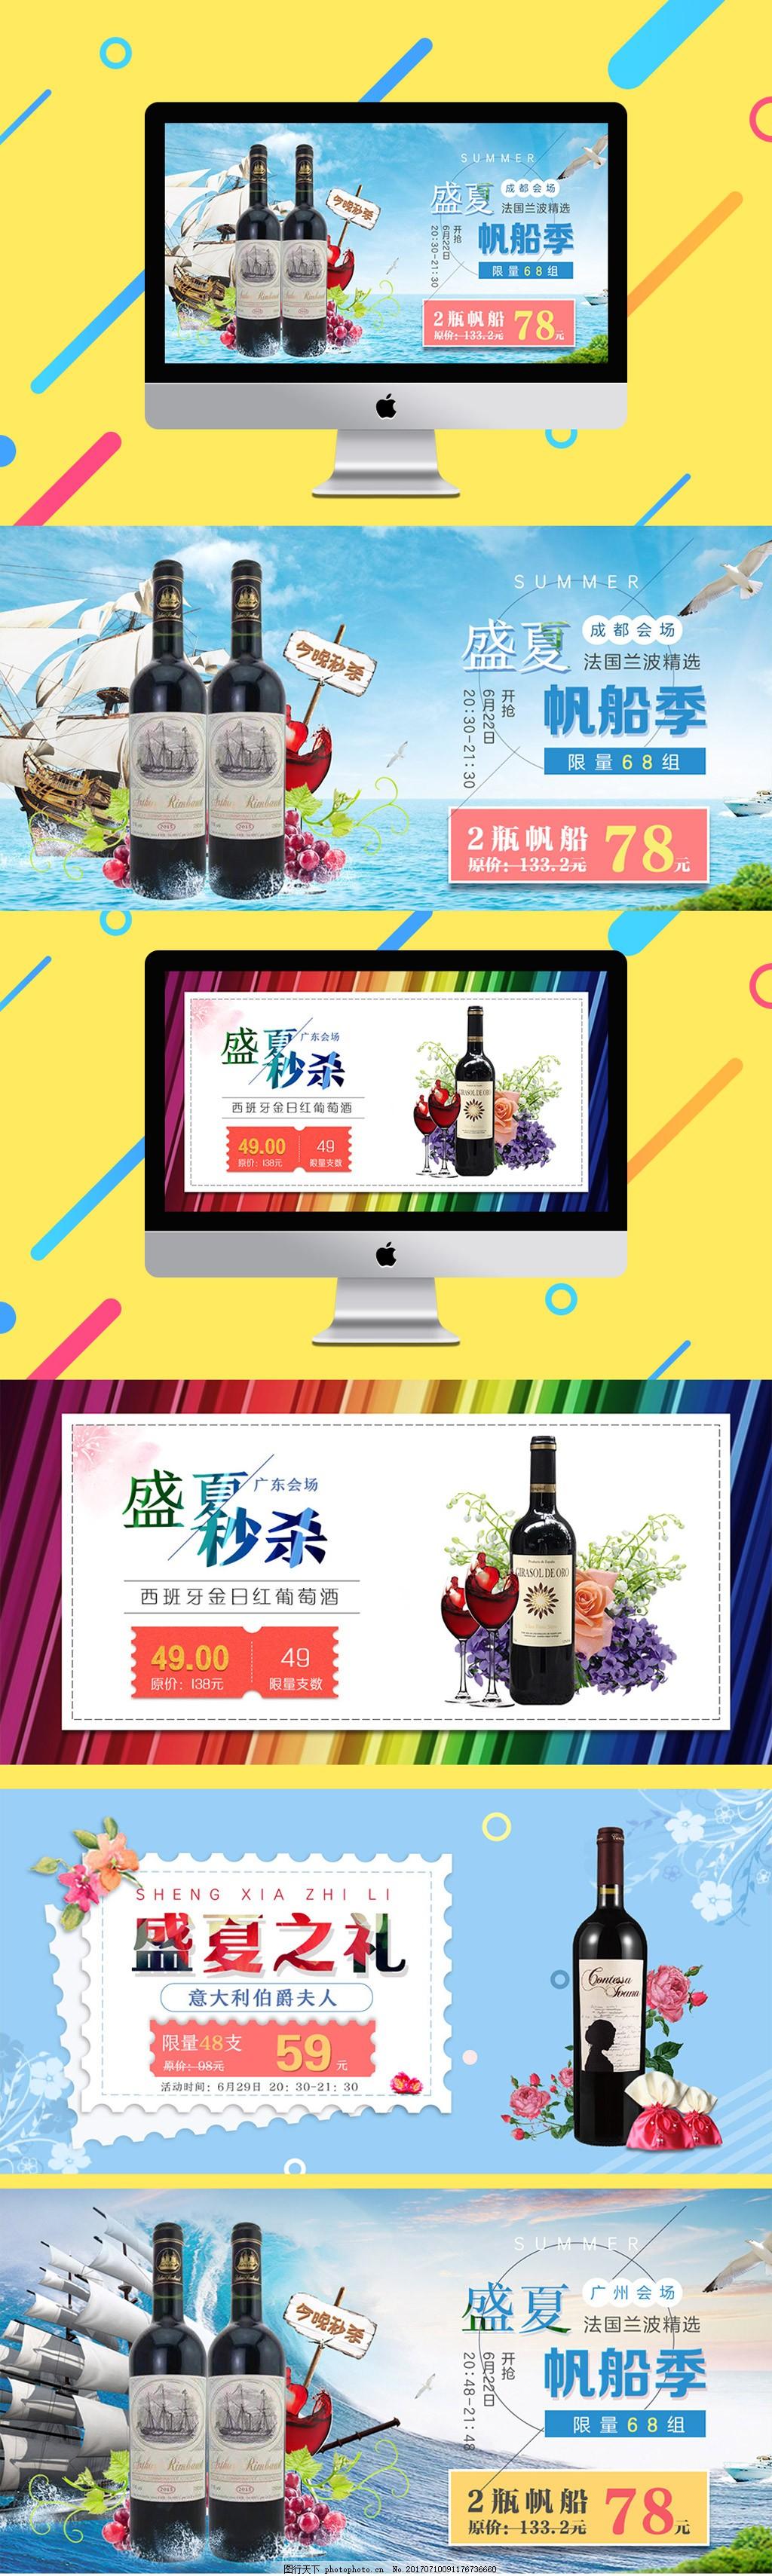 红酒淘宝促销活动海报 红葡萄酒 秒杀 夏季活动 首页 帆船 小清新